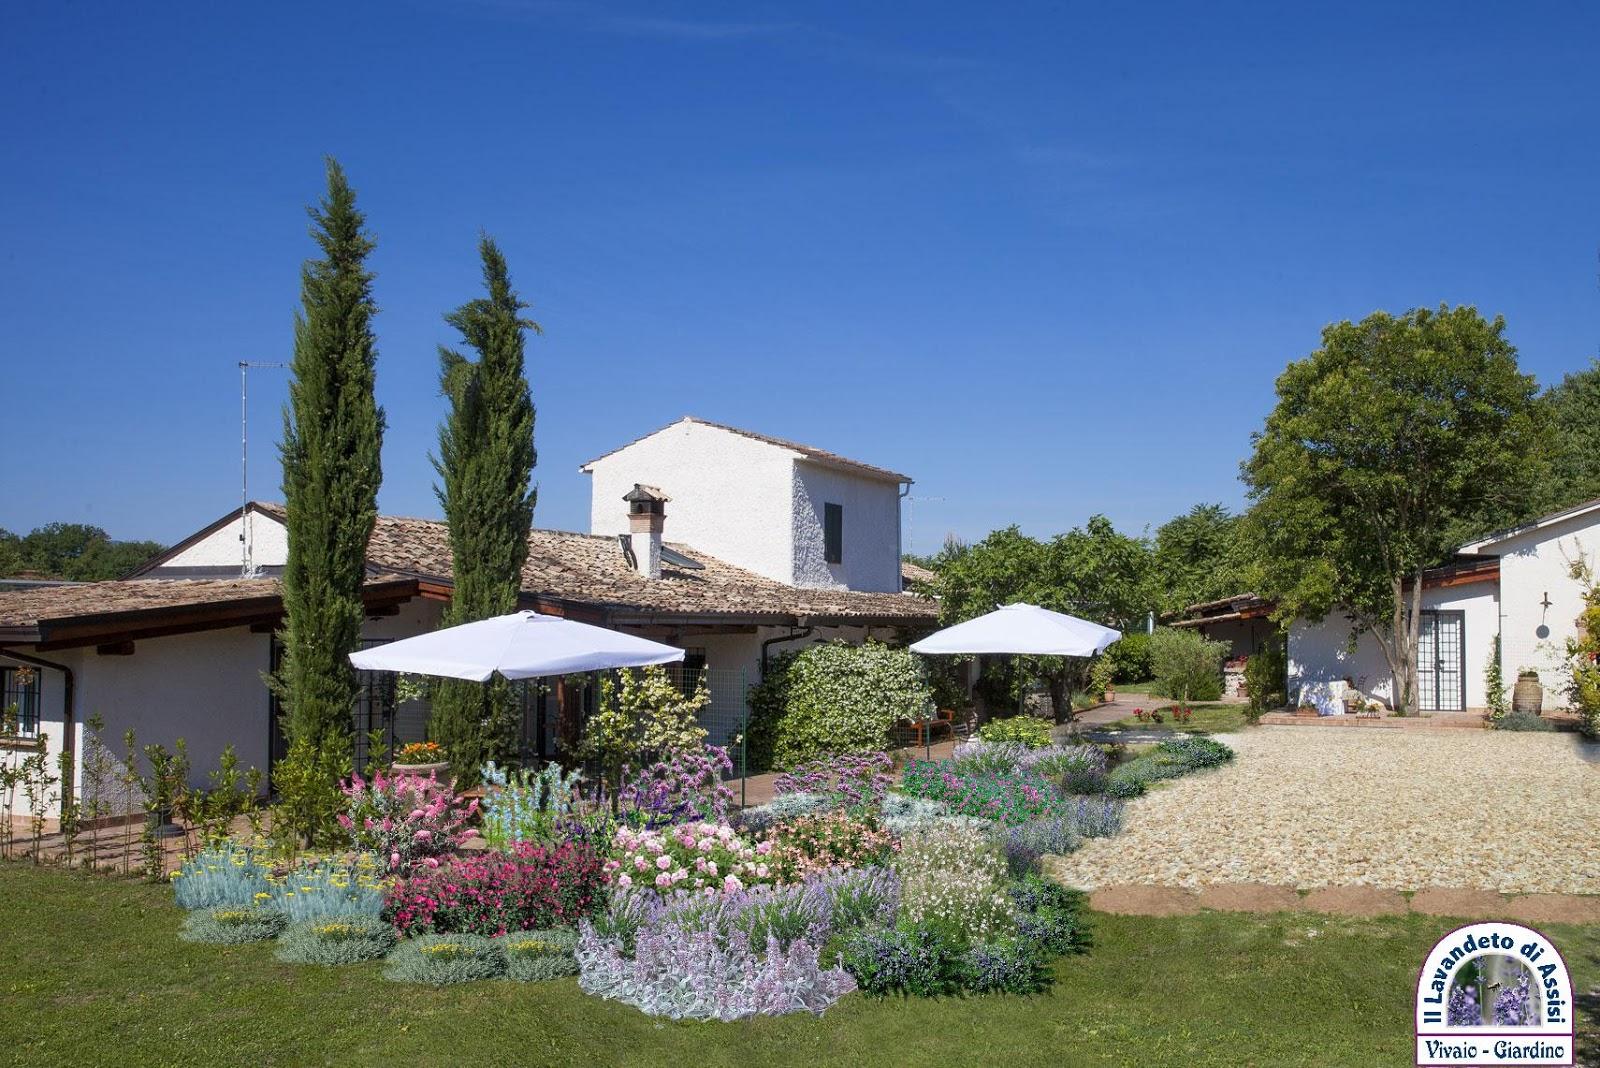 Progetto giardino online for Progetti di giardini